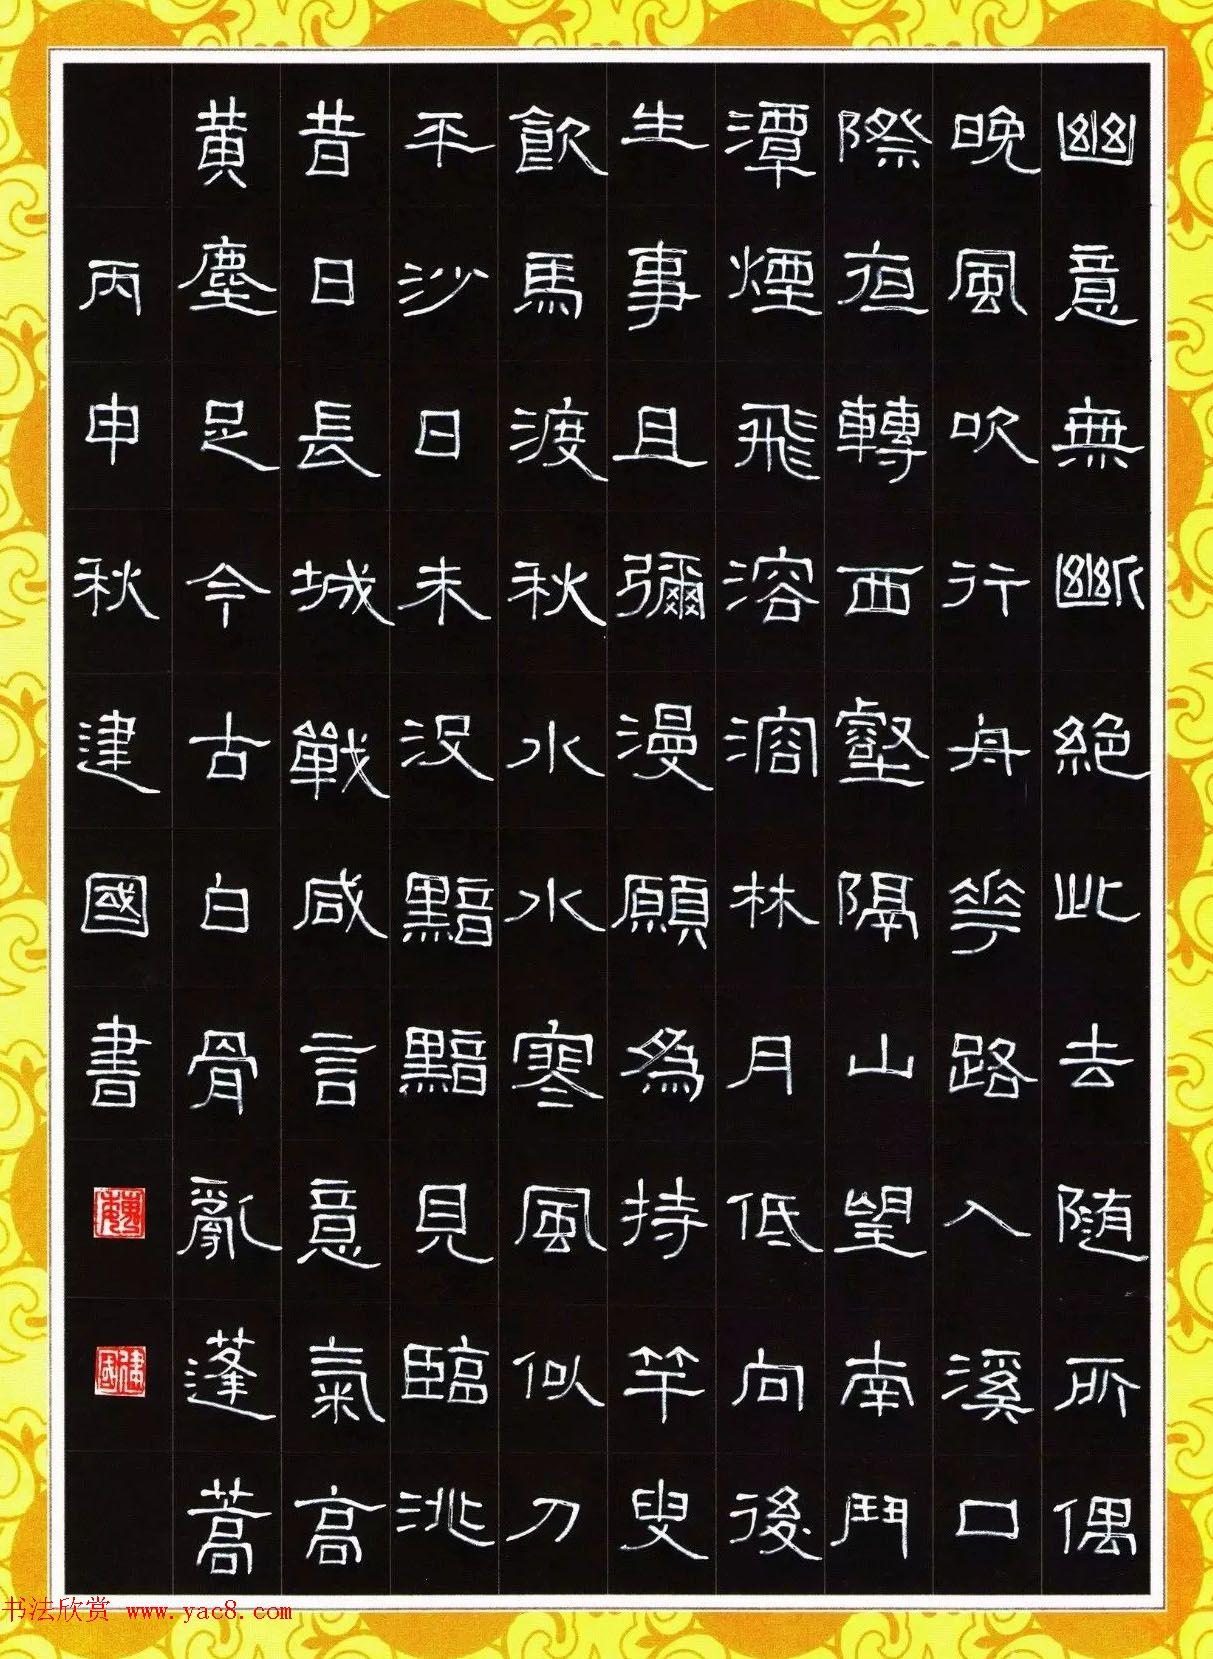 8090书艺组合硬笔书法作品网络展